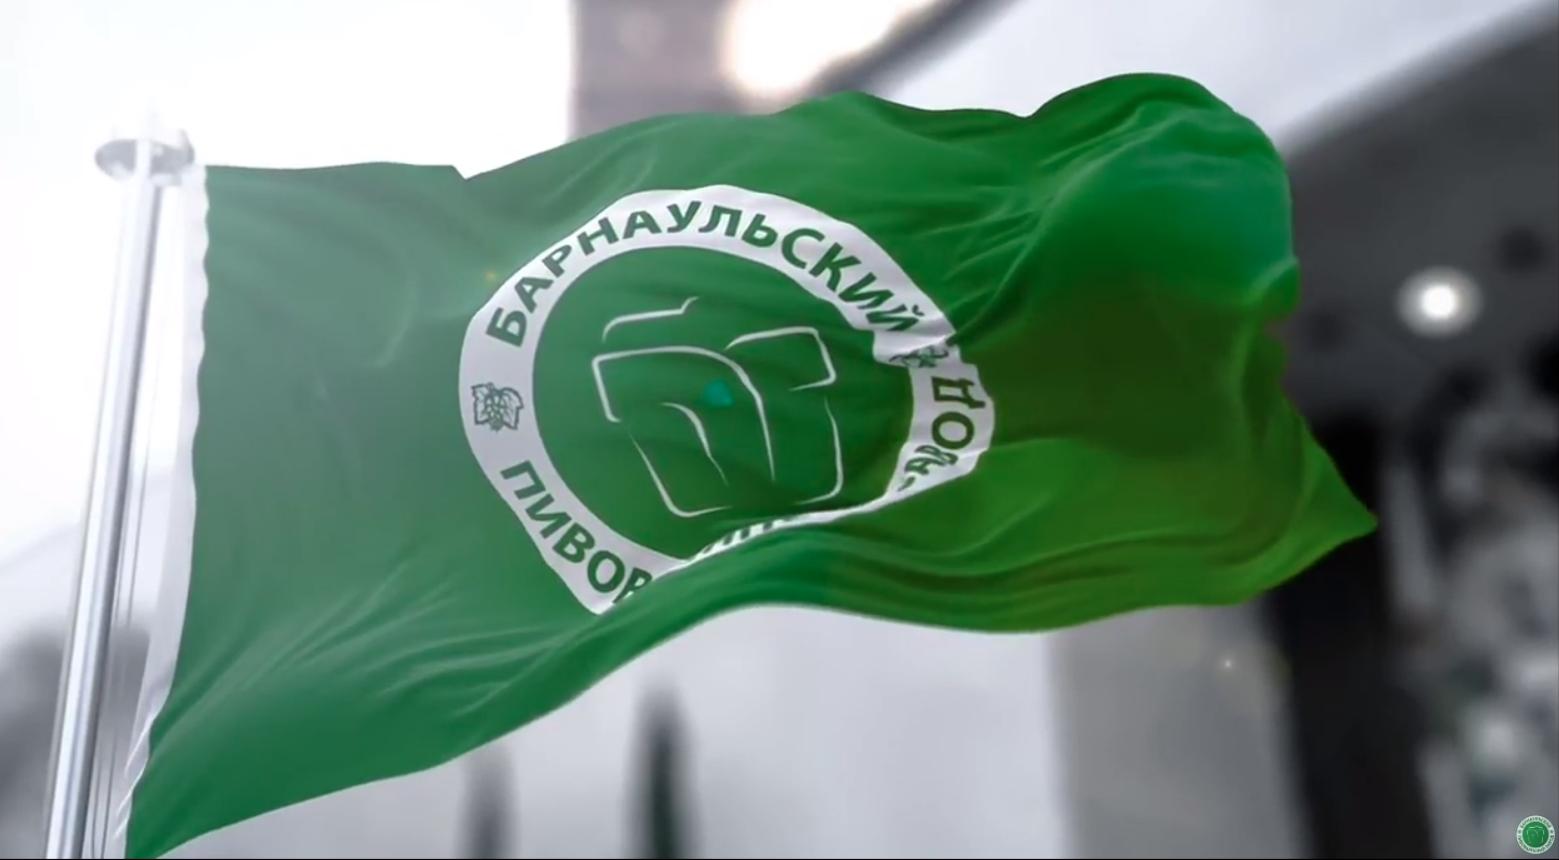 Юбилей: Барнаульскому пивоваренному – 40 лет!